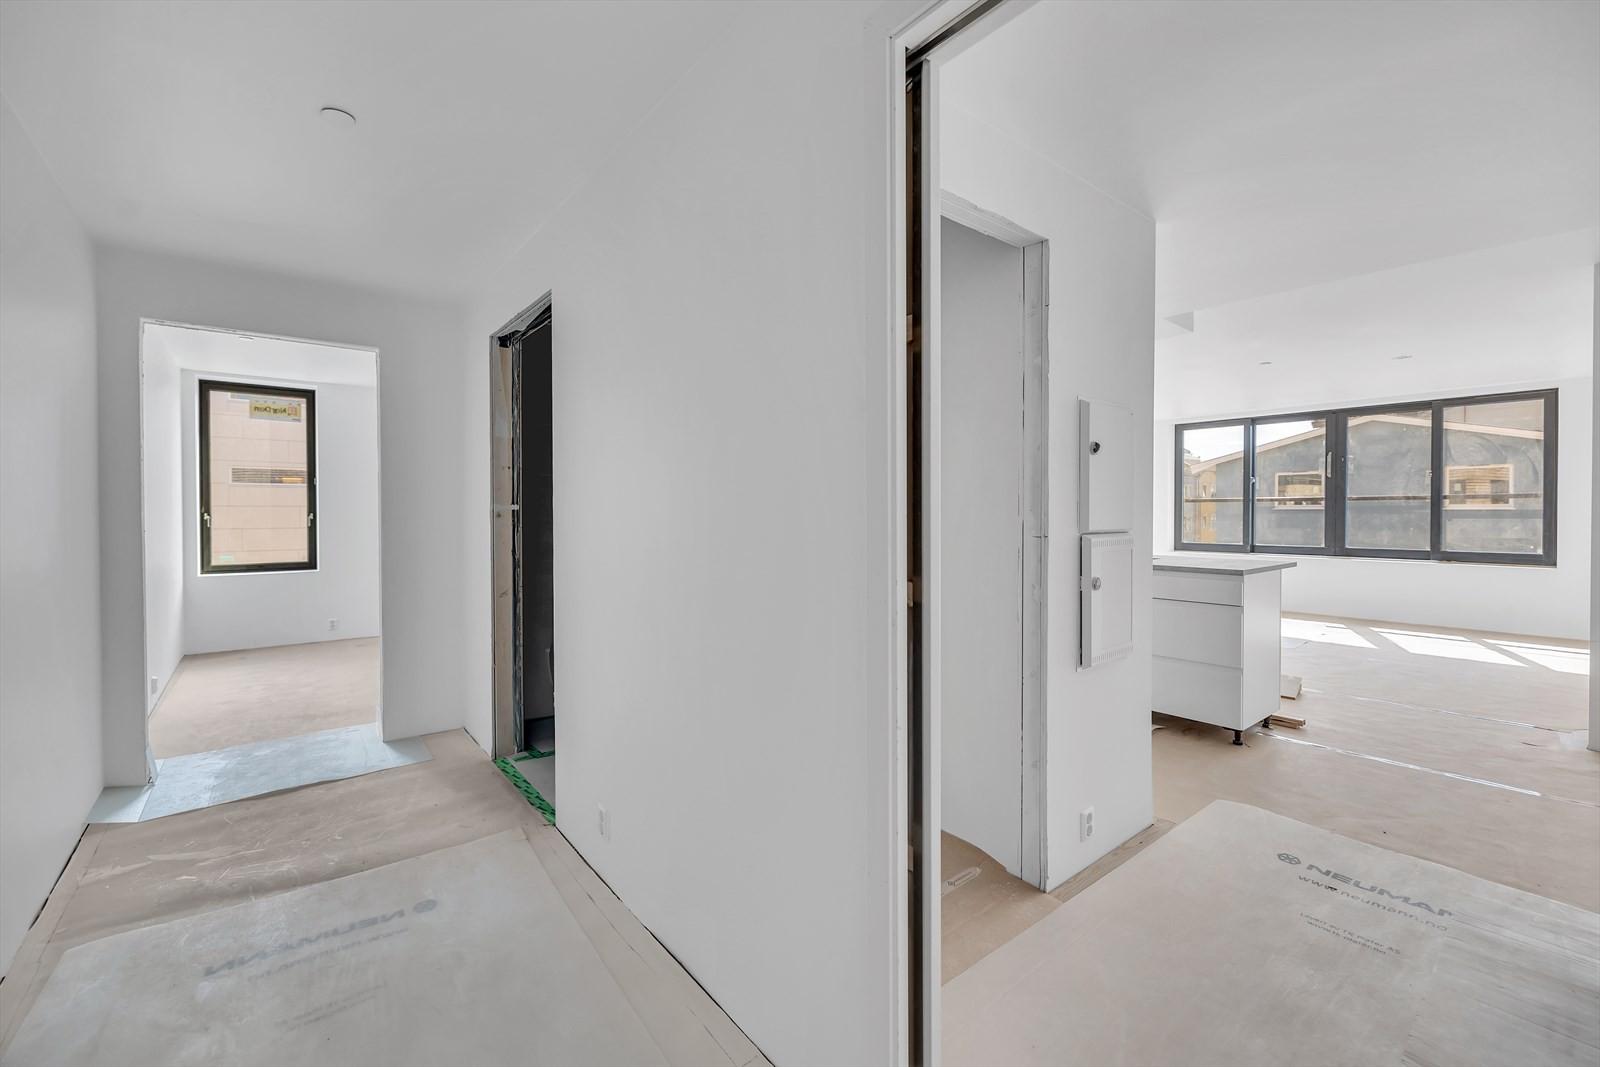 Inngangsparti, soverom rett fram,  gjeste toalett til venstre, inngang til kjøkken og stue